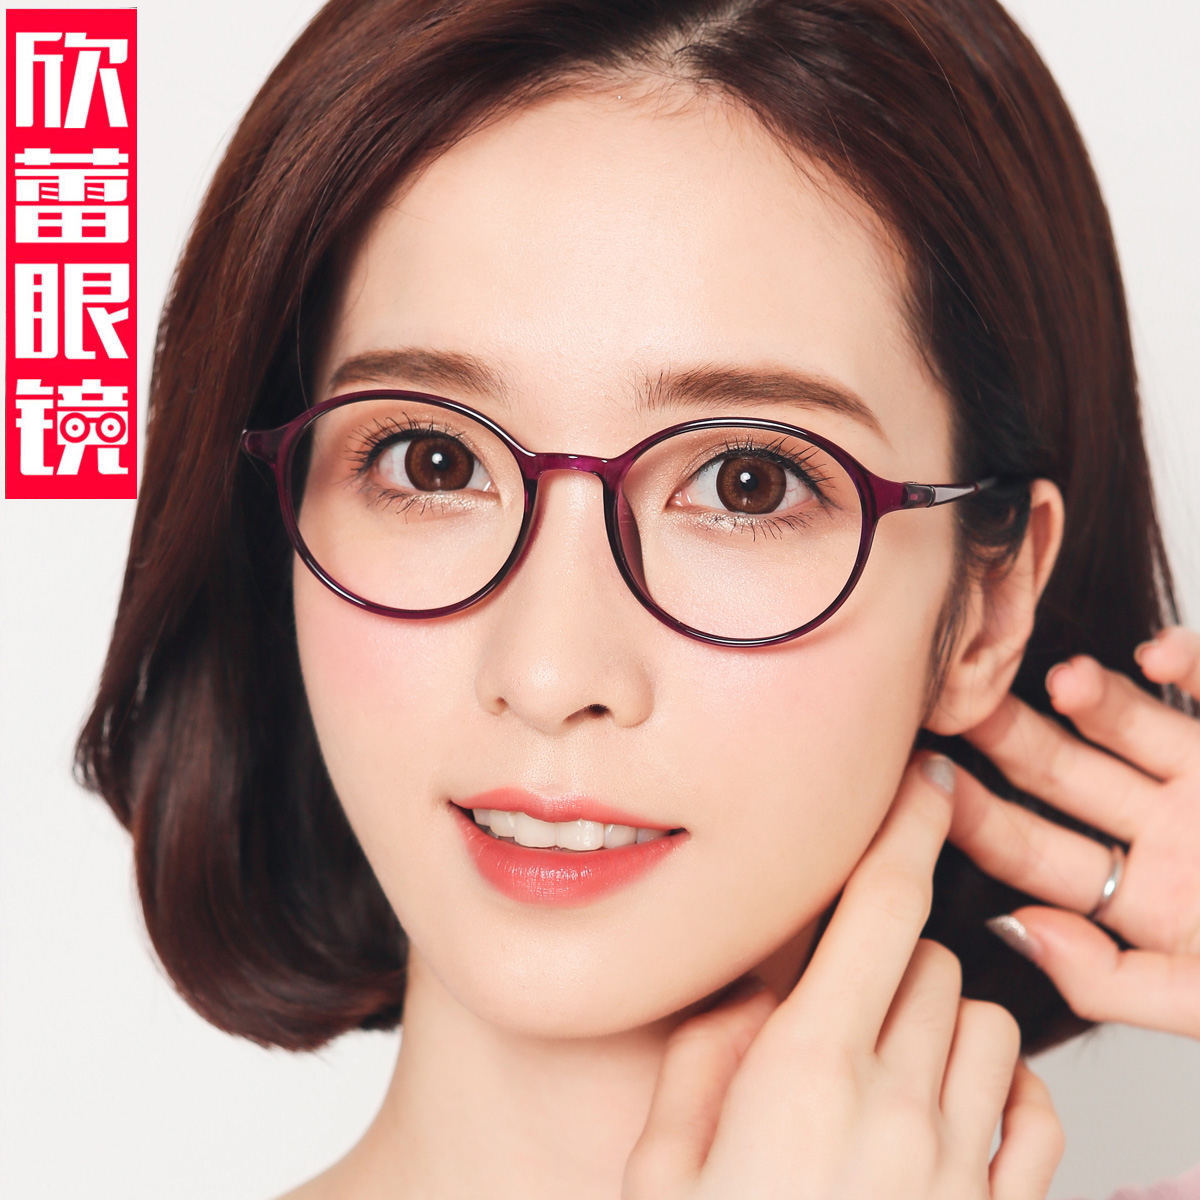 近视眼镜女超轻小脸 圆框眼镜框近视女款配眼镜学生小框防蓝光潮